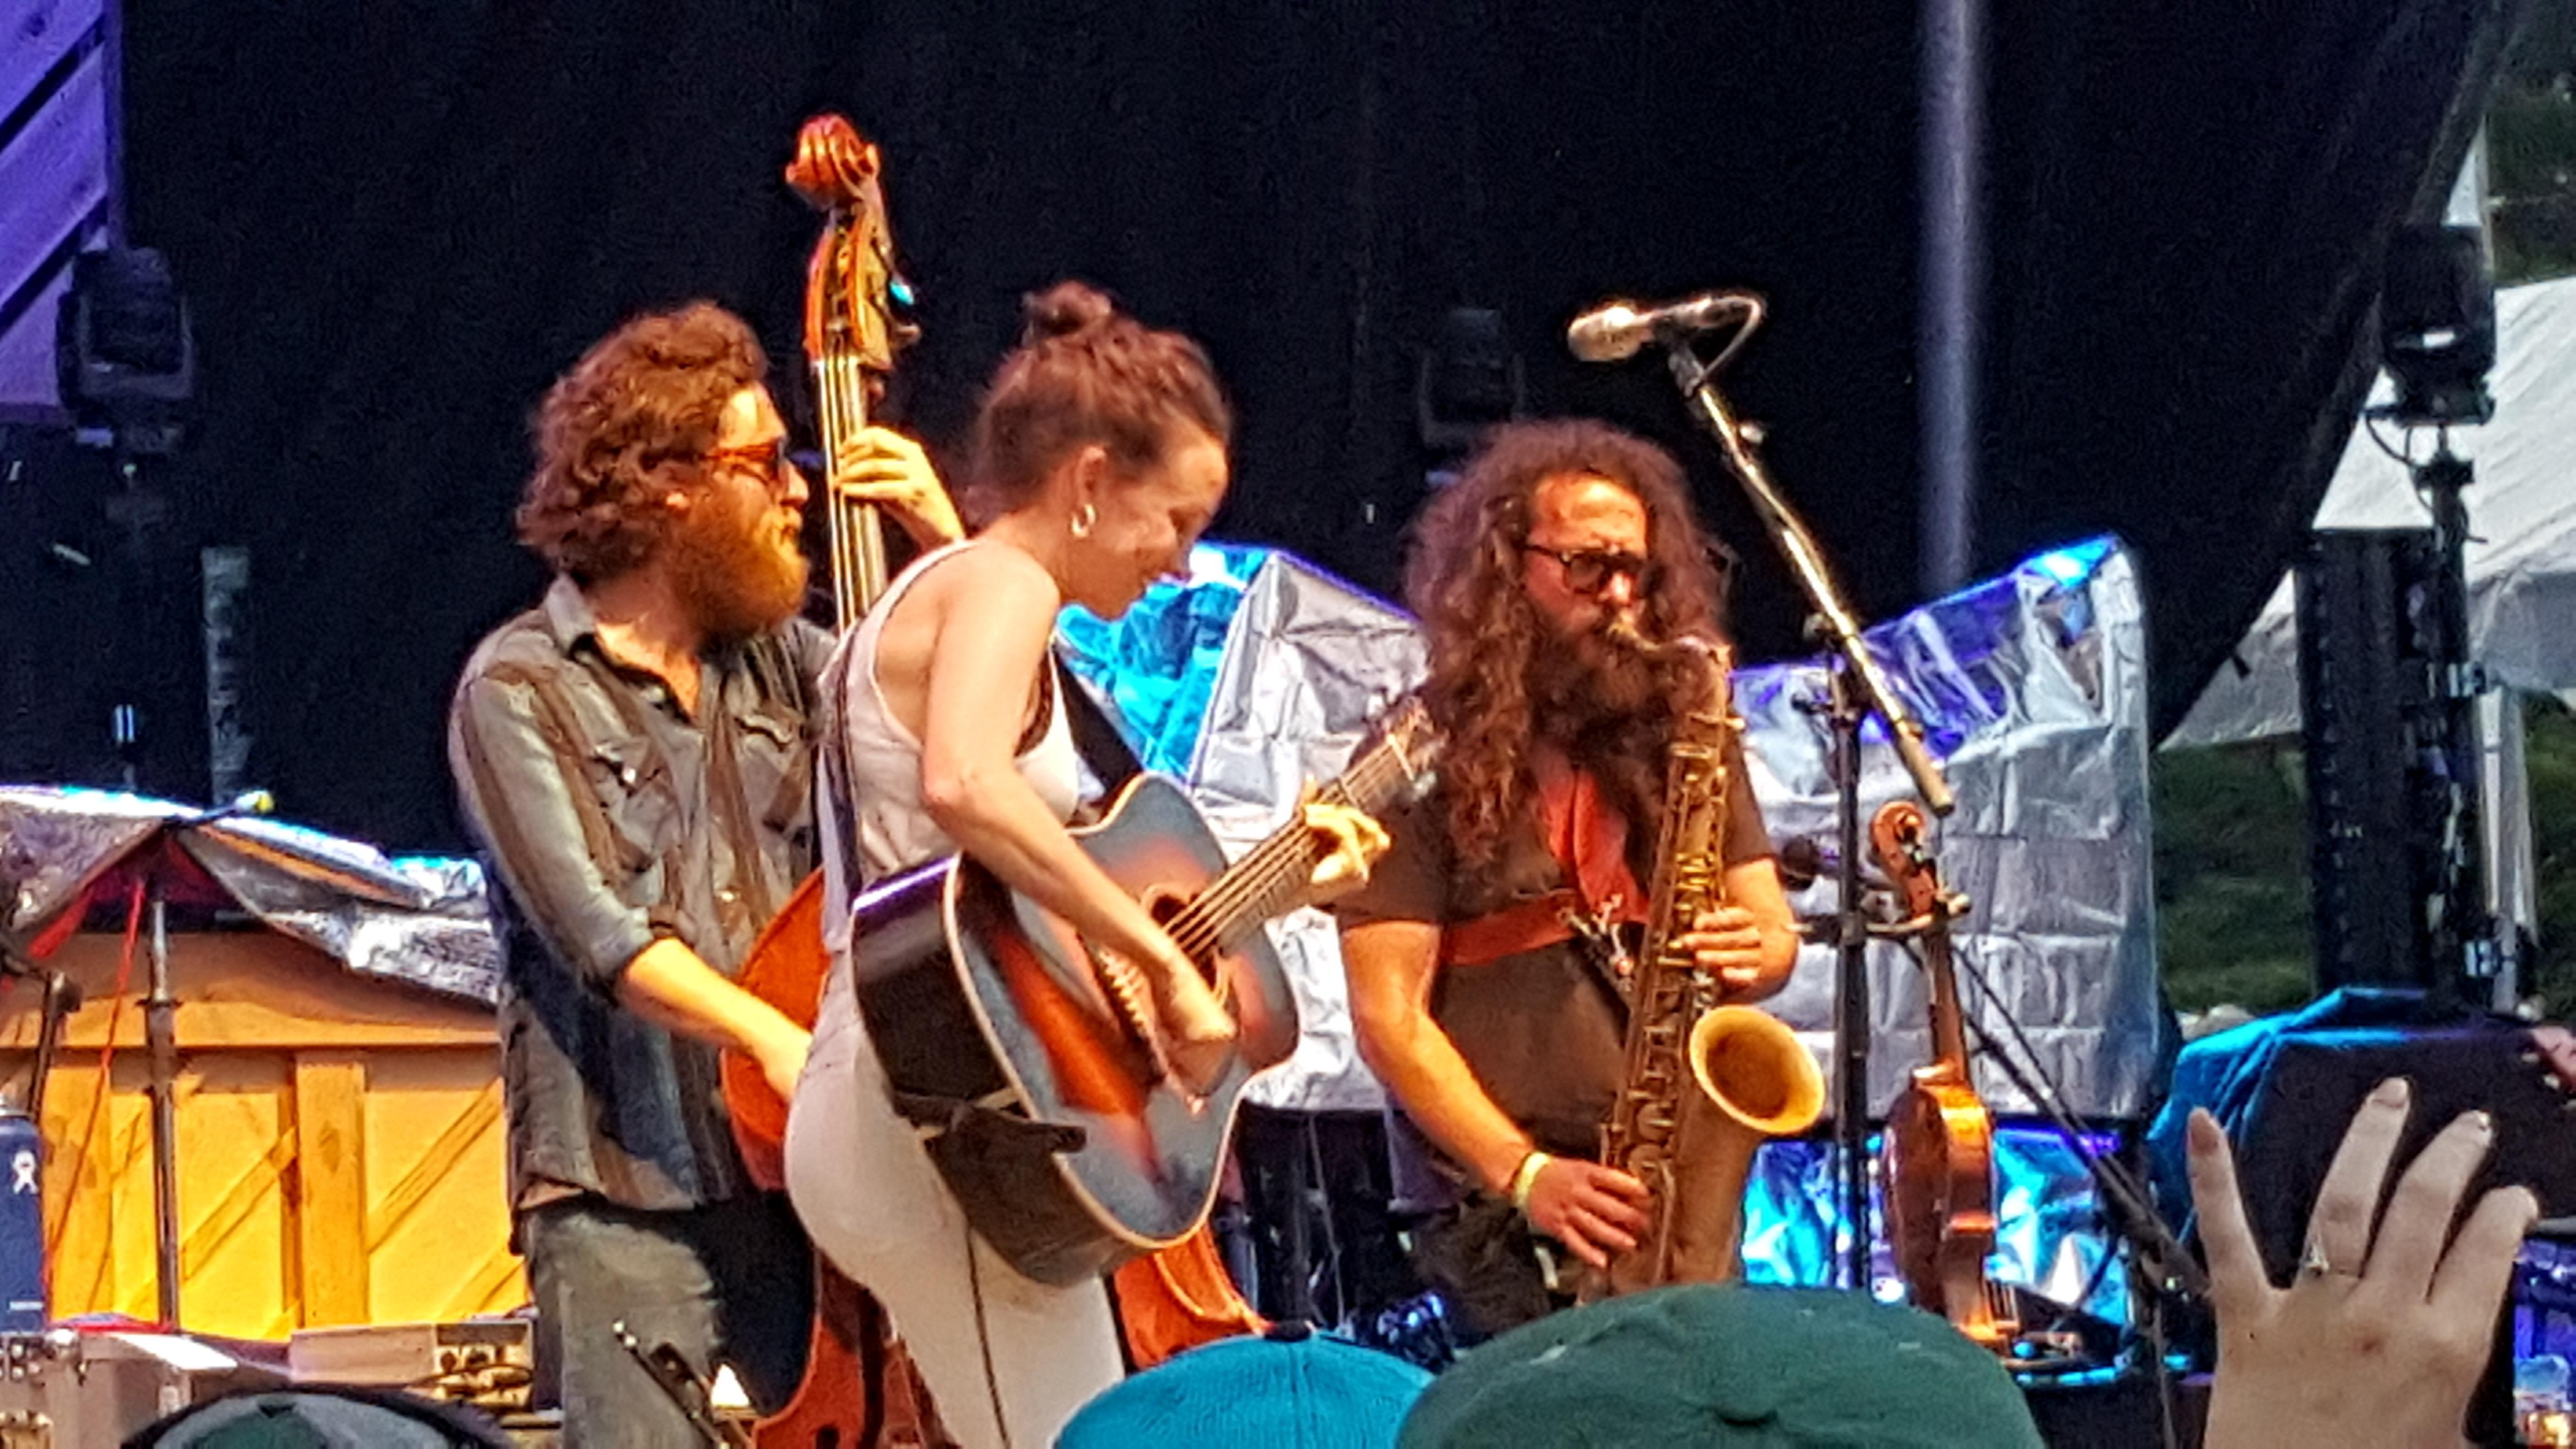 Nelsonville Music Festival 2020.Americana At Nelsonville Music Fest Part Ii Americana